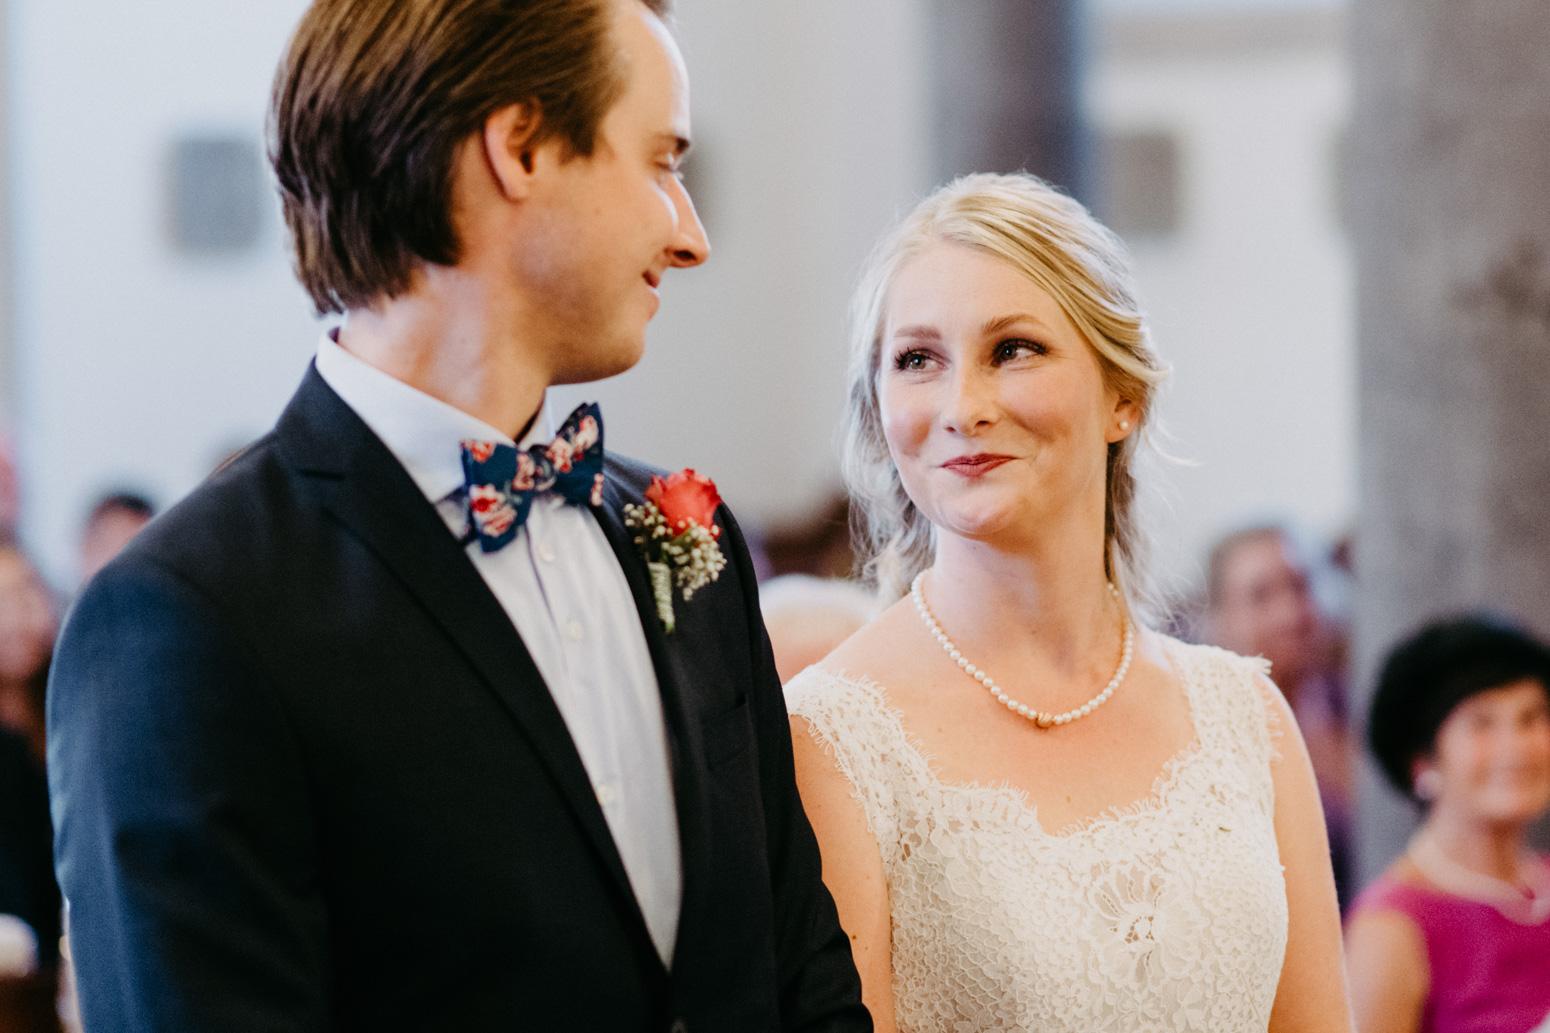 Liebevolle Blicke zwischen dem Brautpaar während der Trauung.